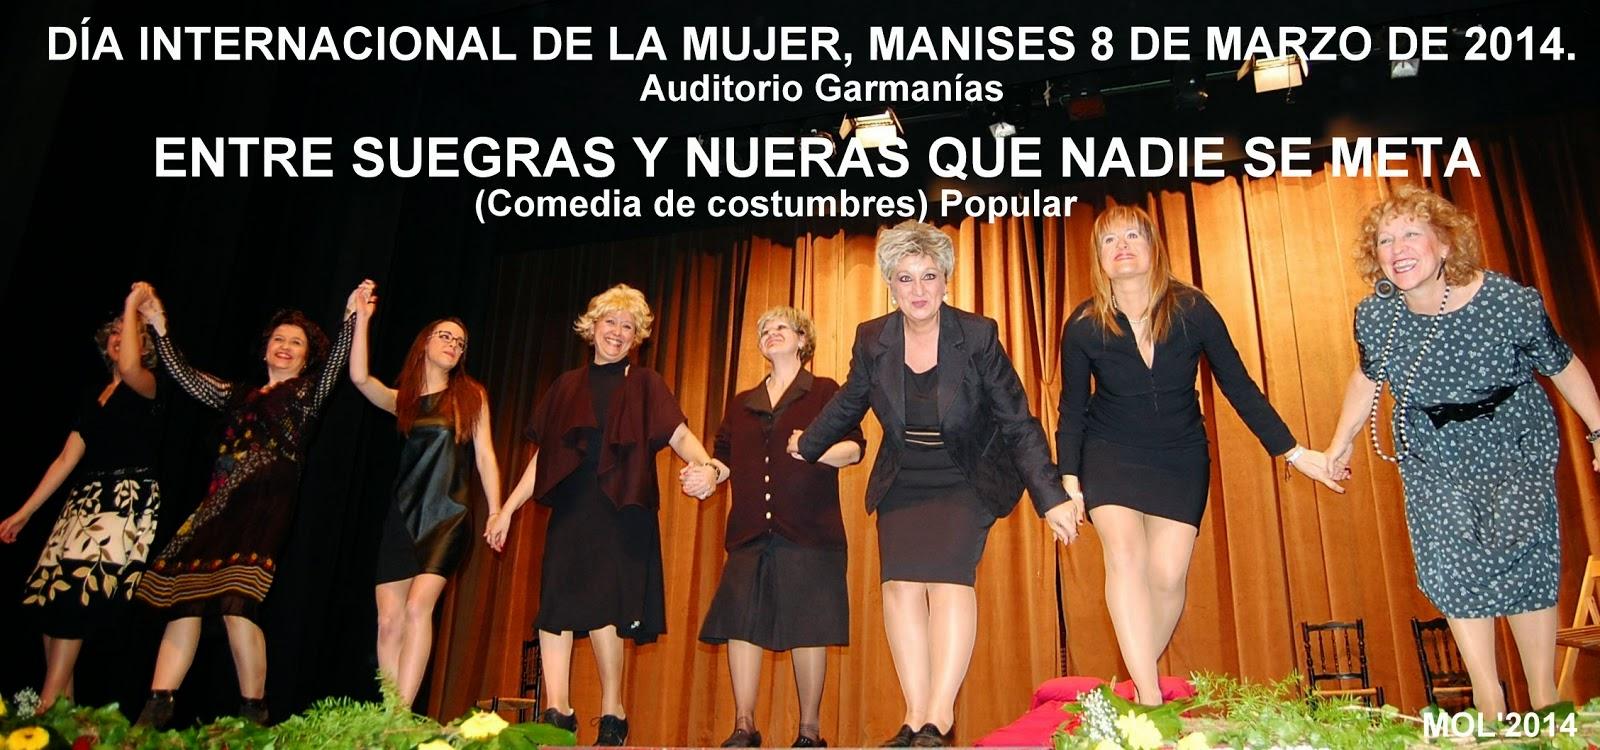 VELADA TEATRAL CON MOTIVO DEL DÍA INTERNACIONAL DE LA MUJER 2014